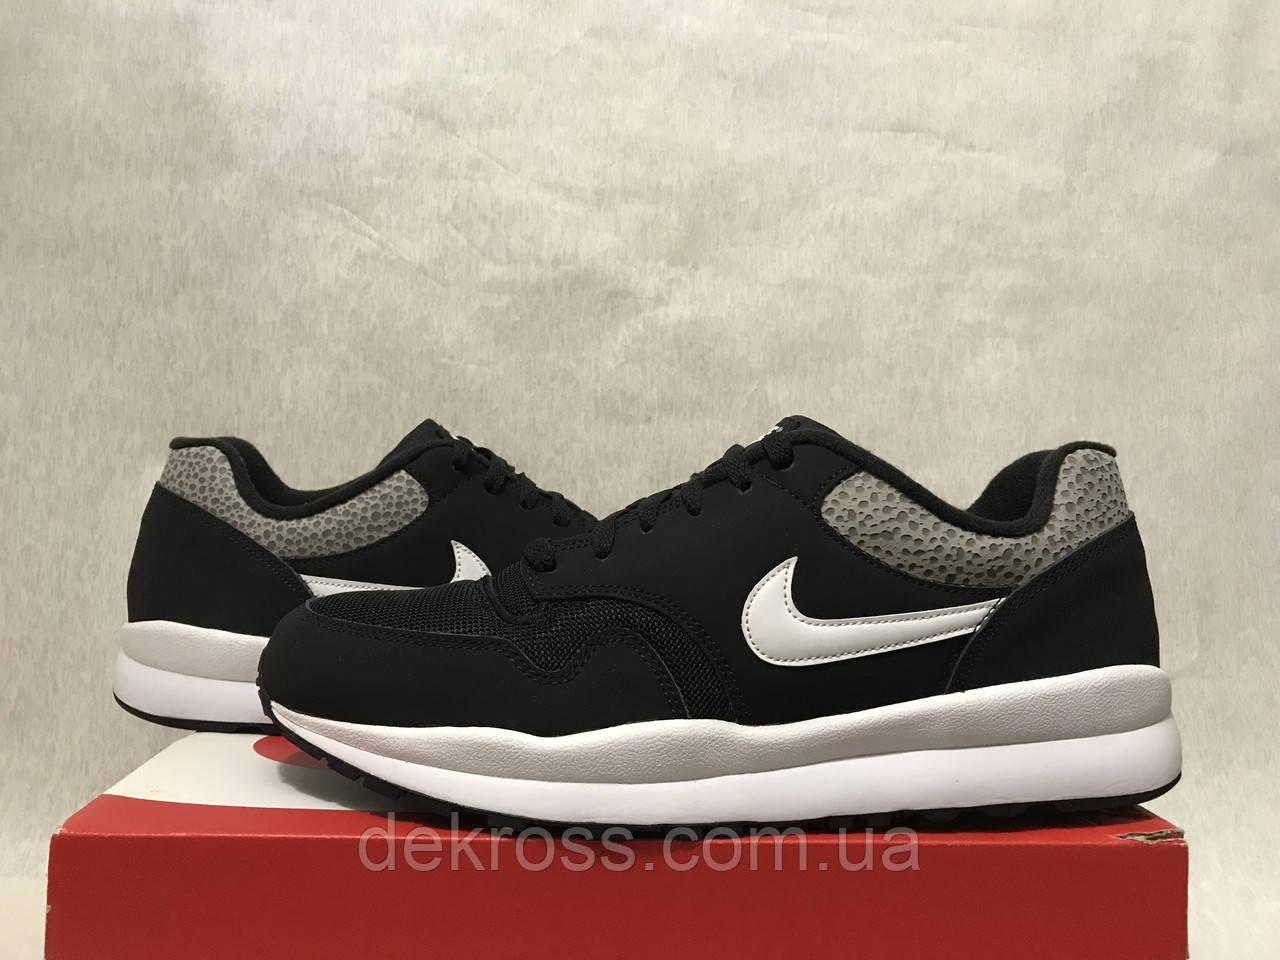 d41c8882 Кроссовки Nike Air Safari Оригинал AA3824-300 — в Категории ...